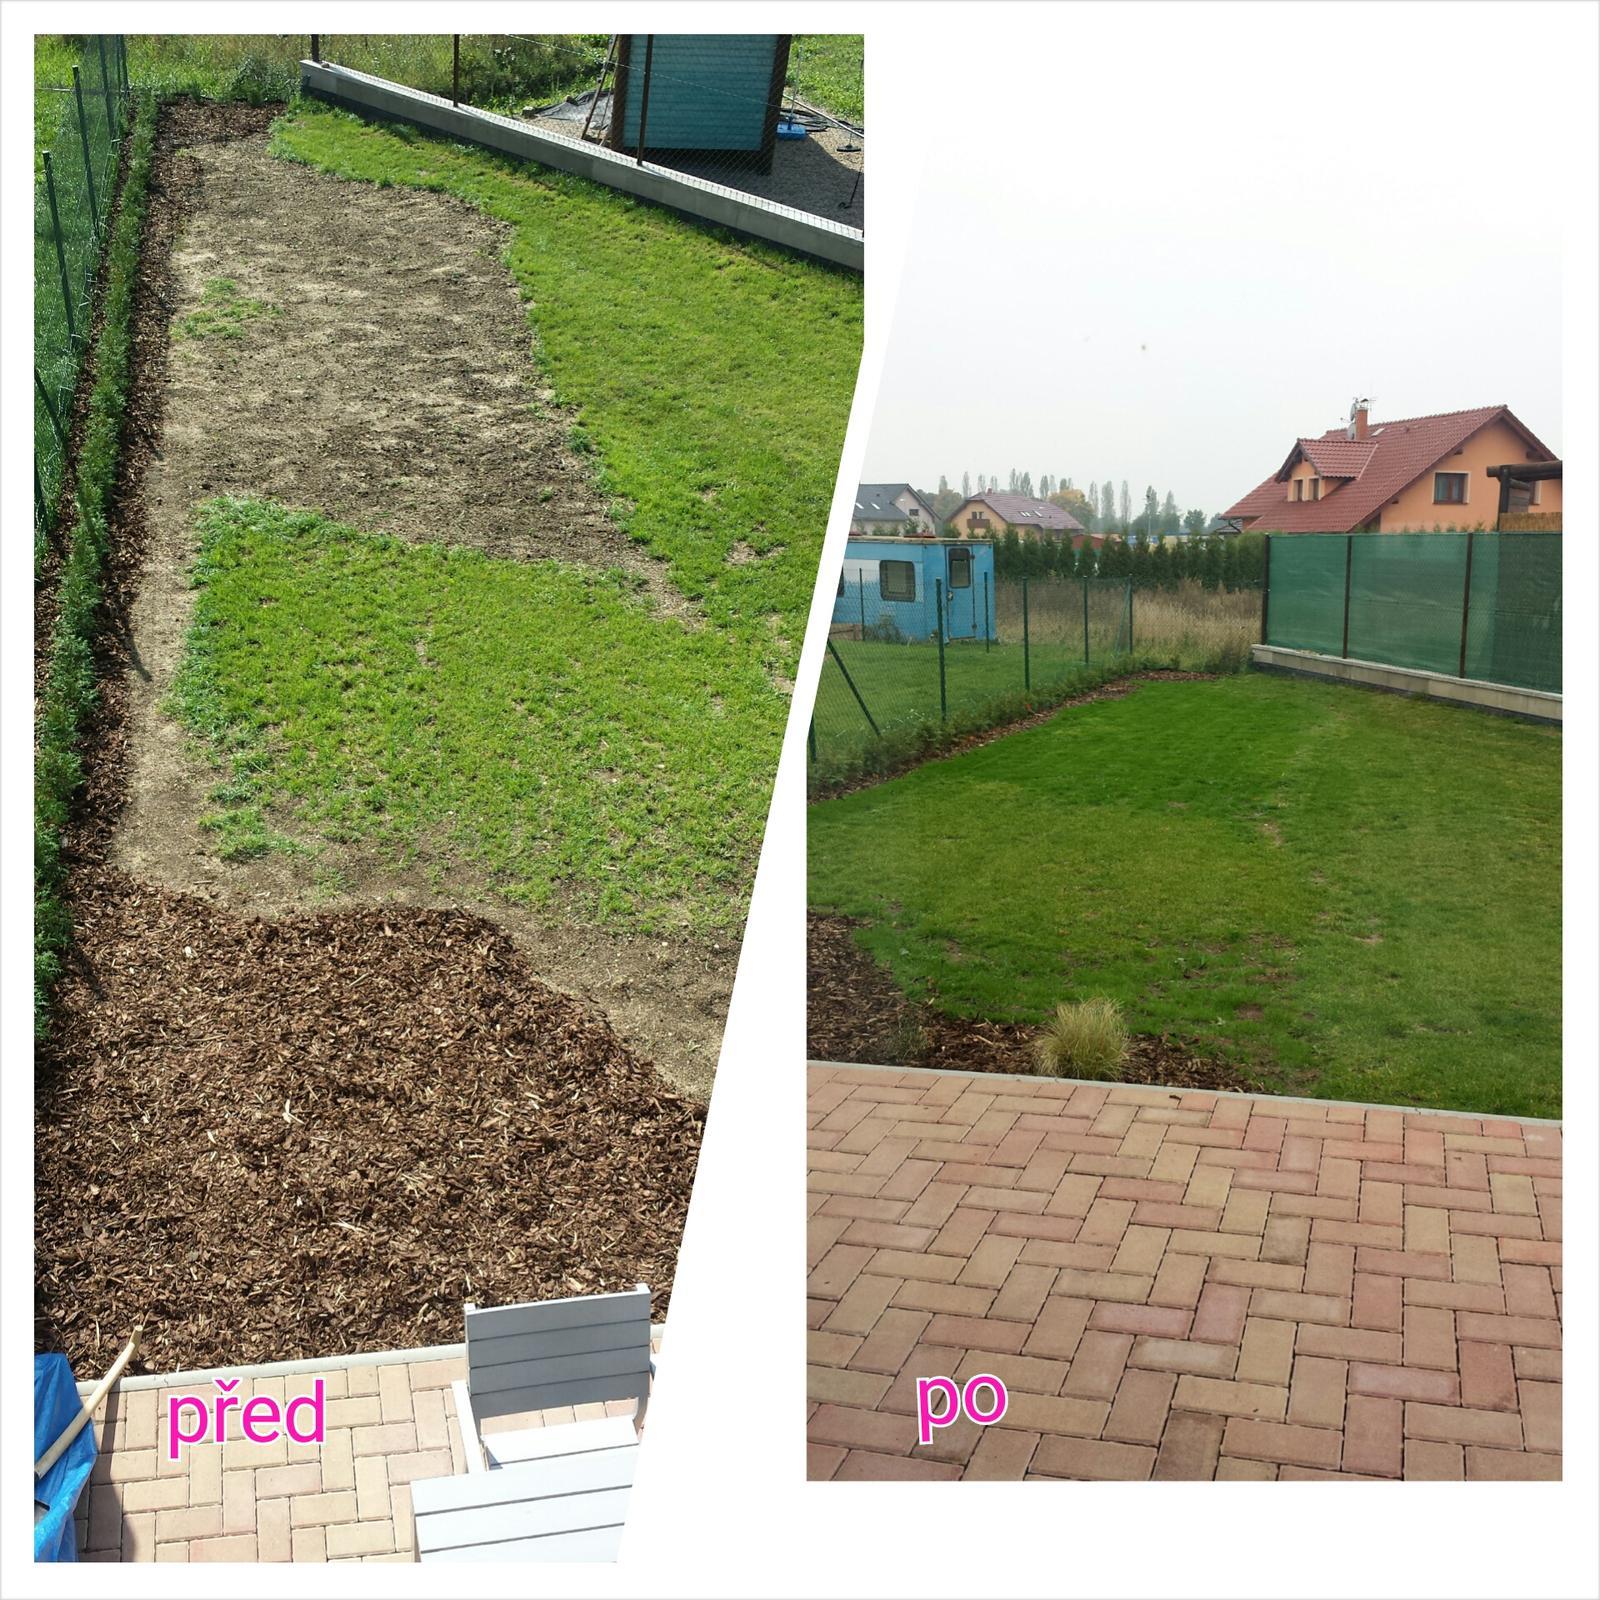 Náš šedý sen :) - Uz nam to trosku zarusta :-)  jeste chci udelat plot ale to uz asi letos nestihnem ... nechci koukat na ty sousedu hnusny zahrady :-) proc zrovna my musime mit ze všech stran takovy sousedy? :)